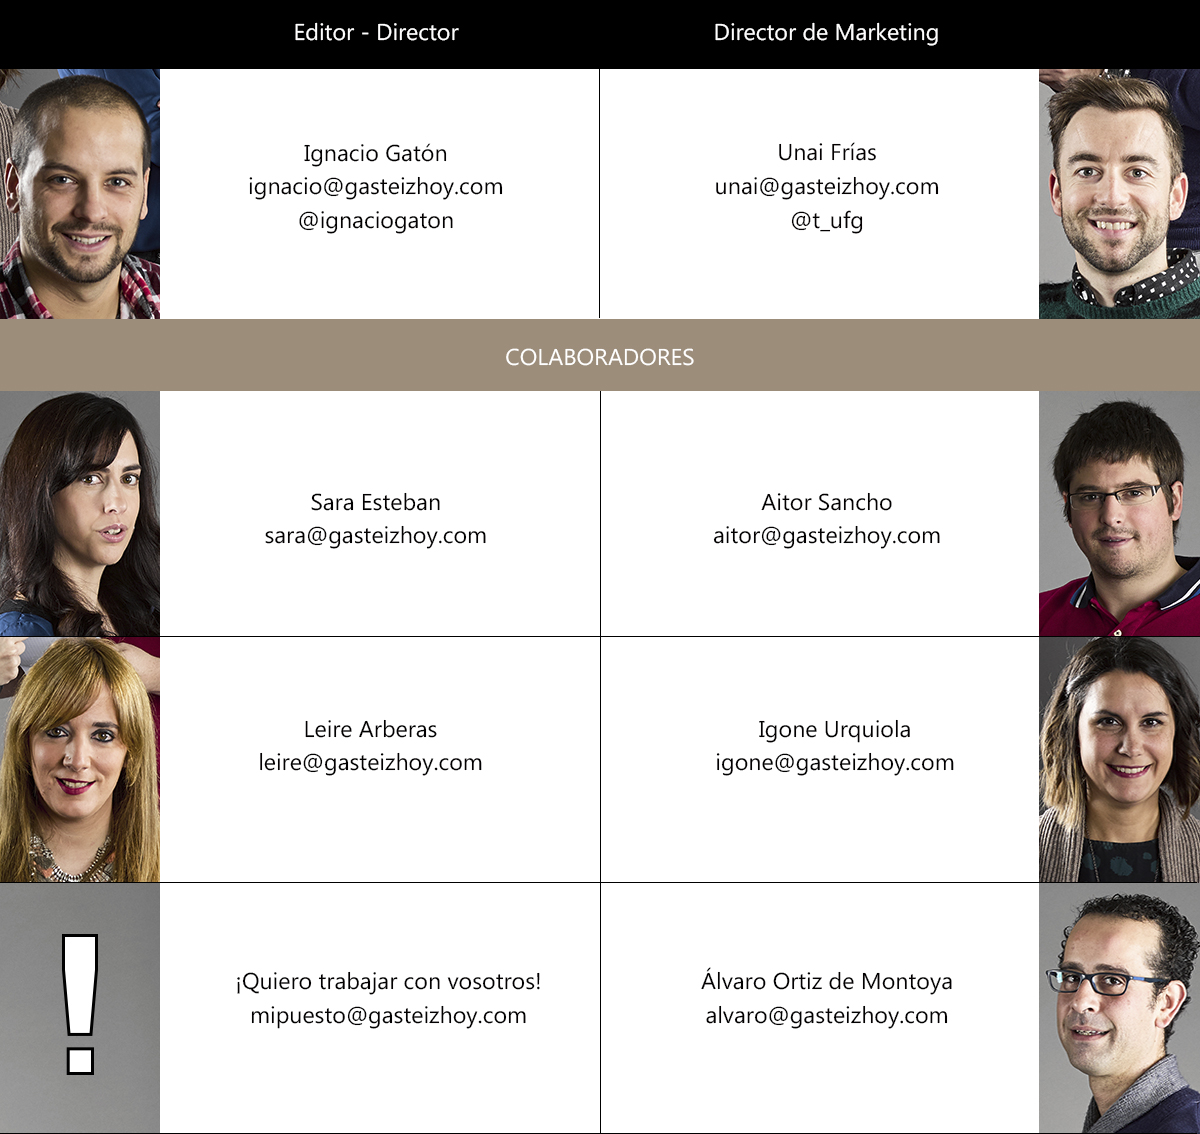 colaboradores-contacto-gasteiz-hoy